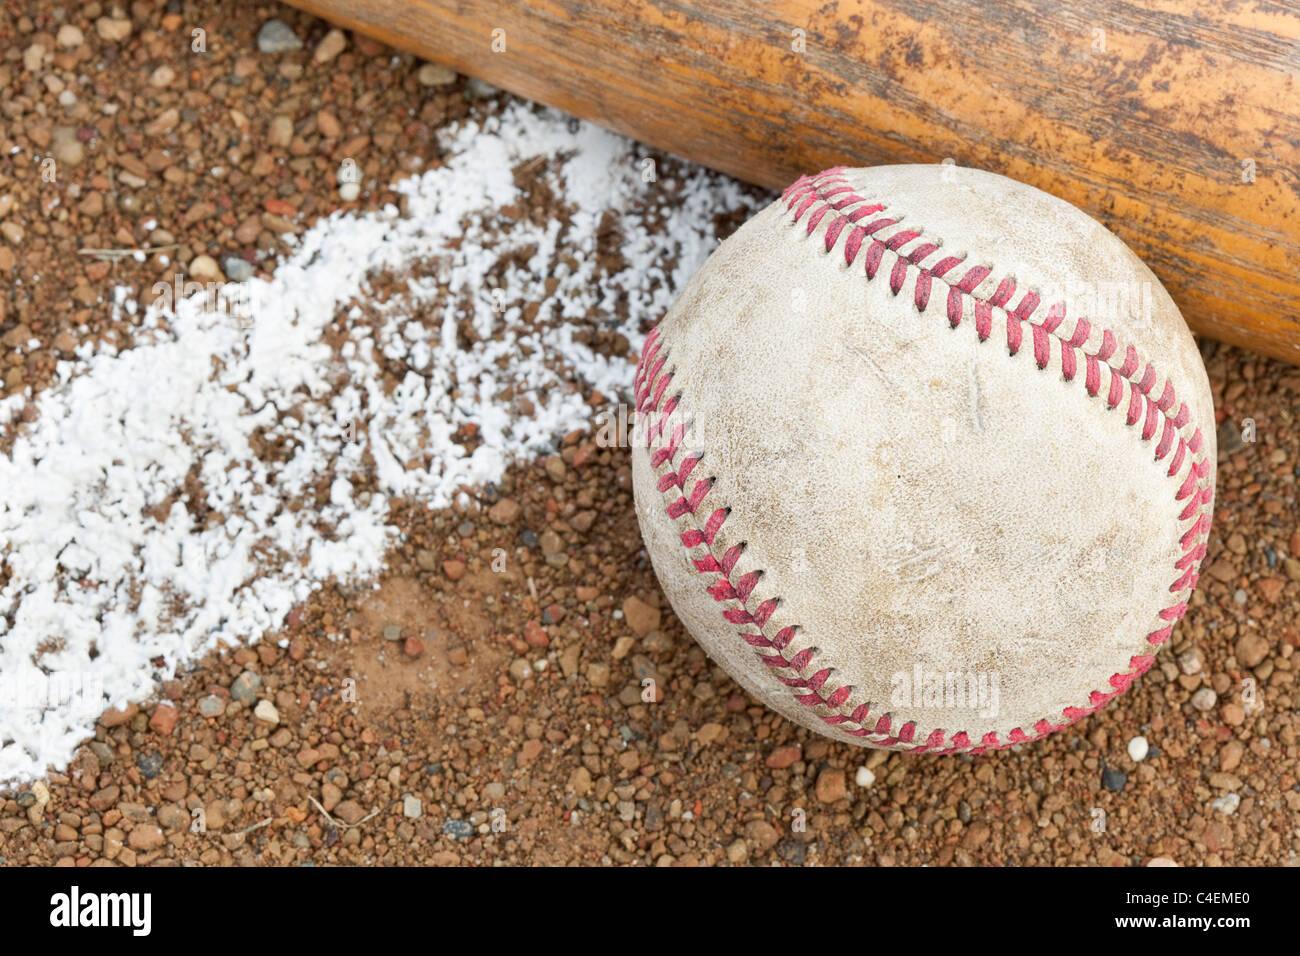 Un vieux usé et baseball bat sur un terrain de baseball Photo Stock